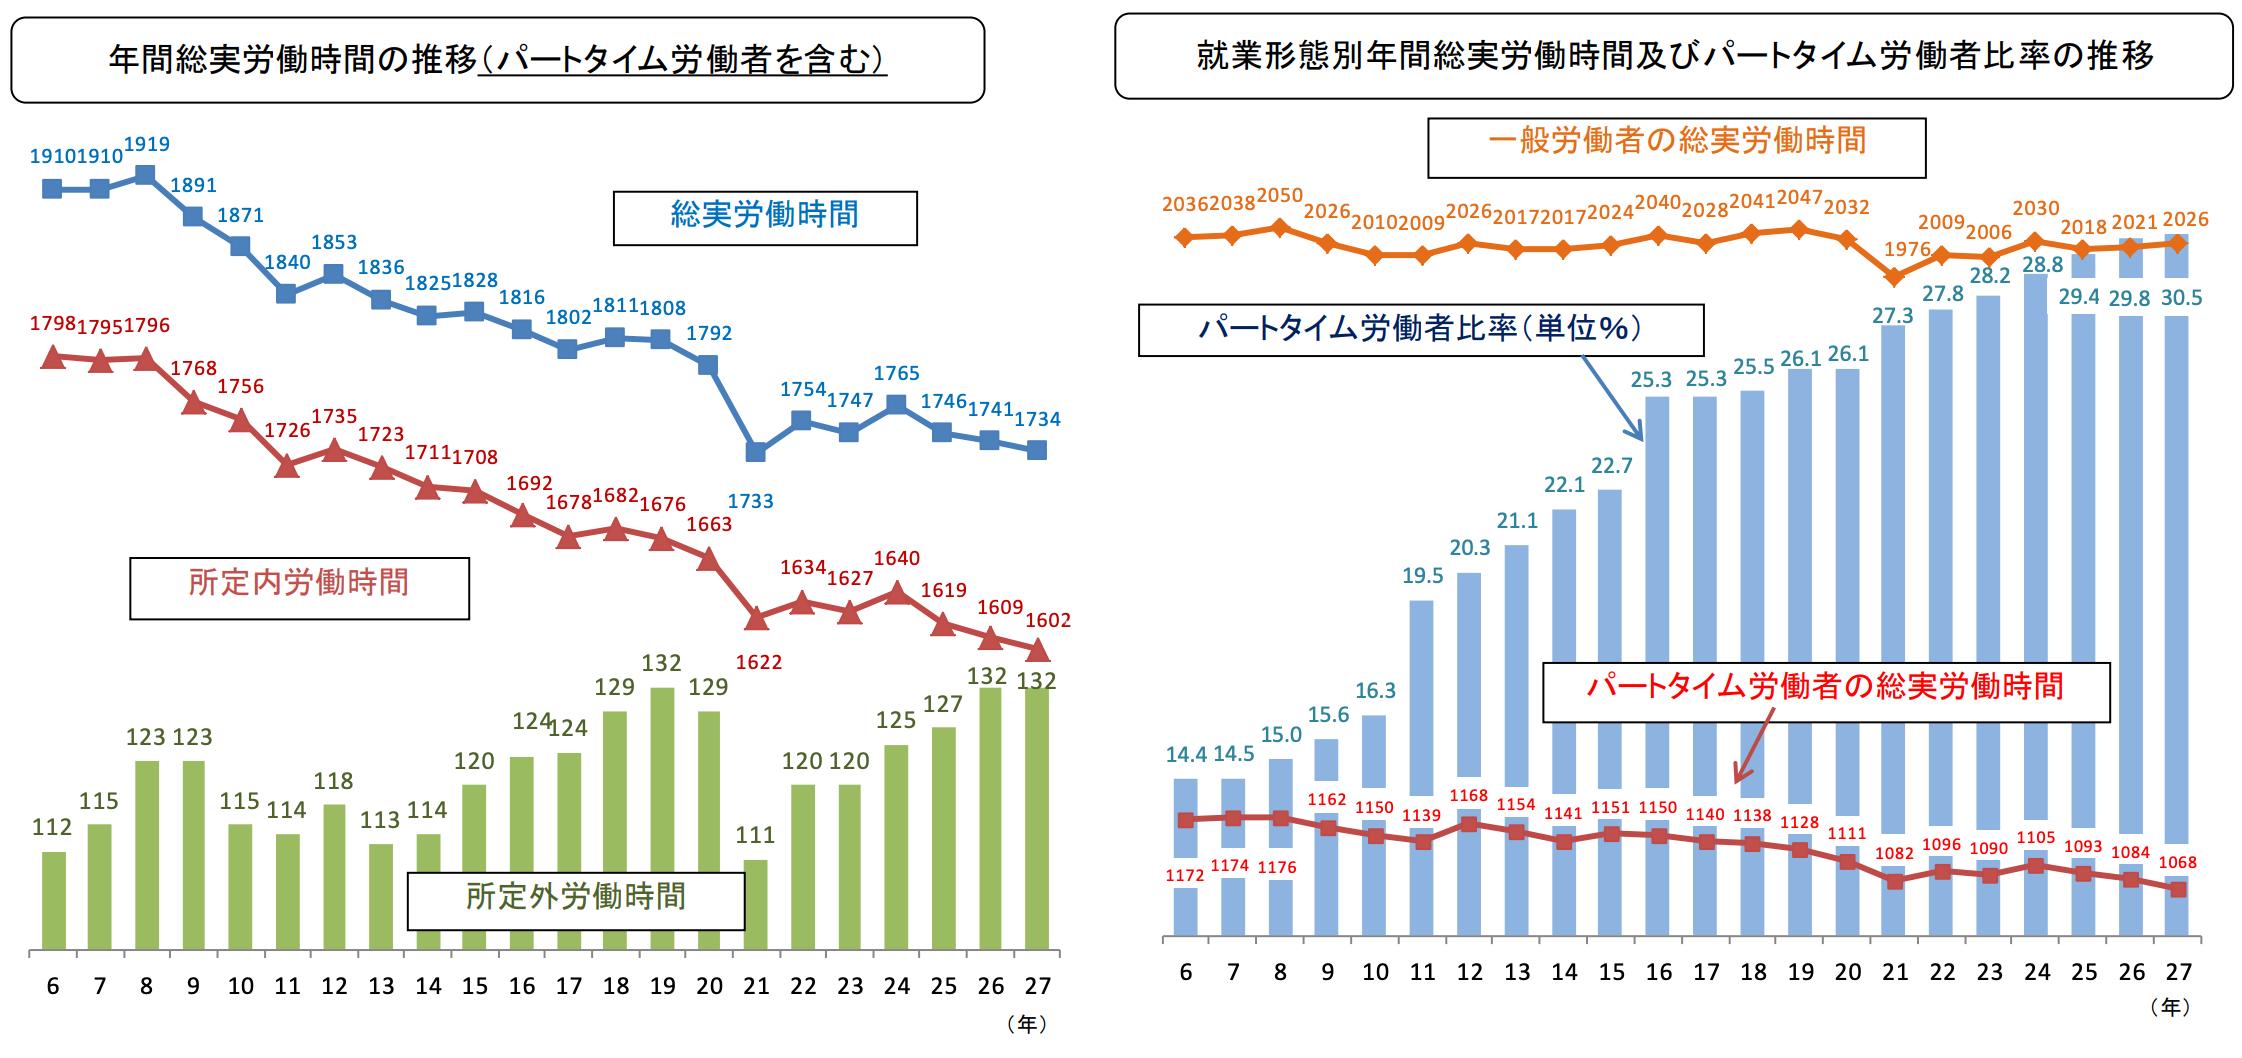 年間総実労働時間の推移(パートタイム労働者を含む)と就業形態別年間総実労働時間及びパートタイム労働者比率の推移